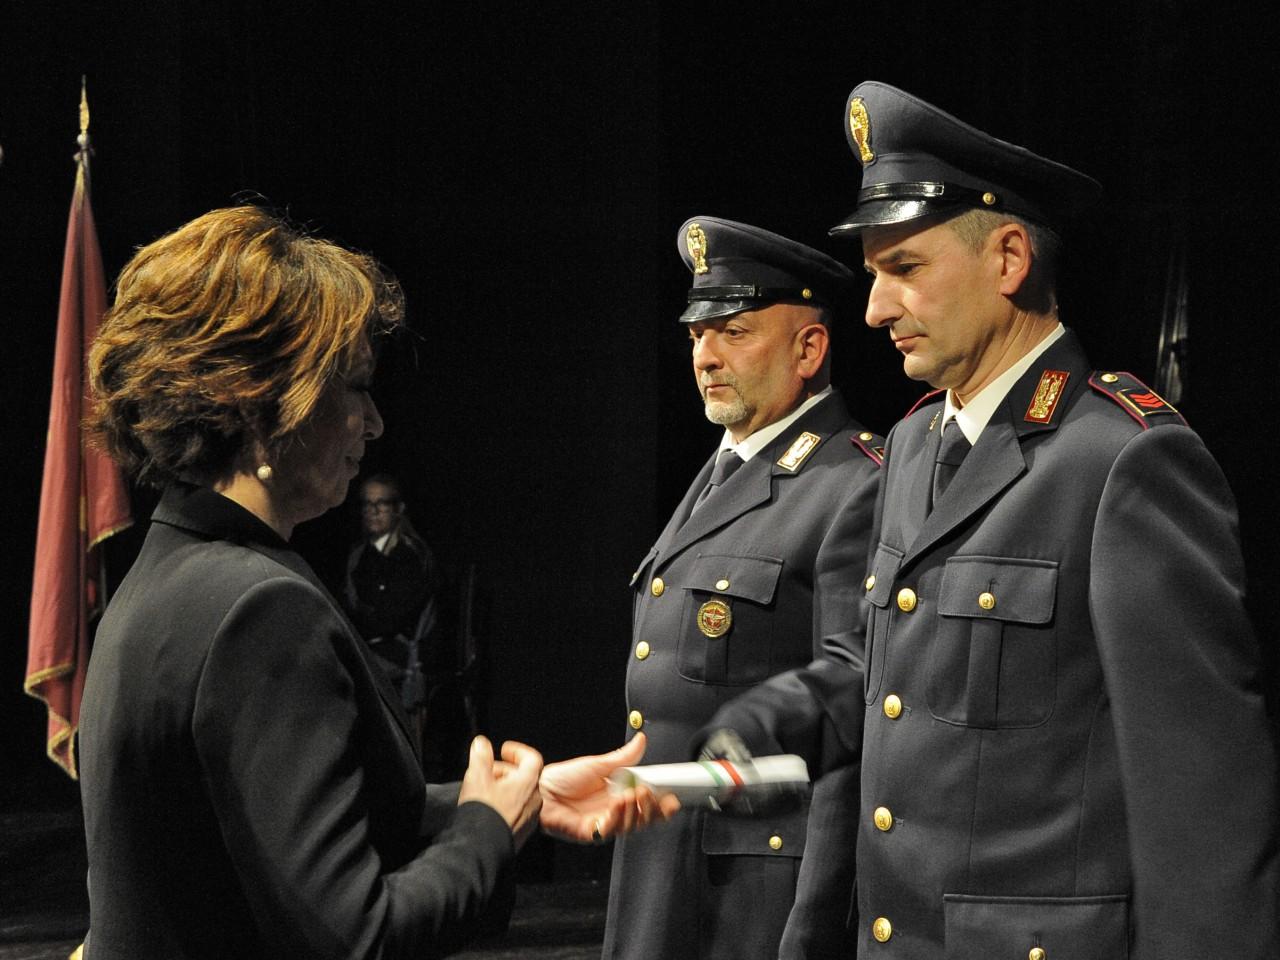 festa polizia 2018 macerata (14)